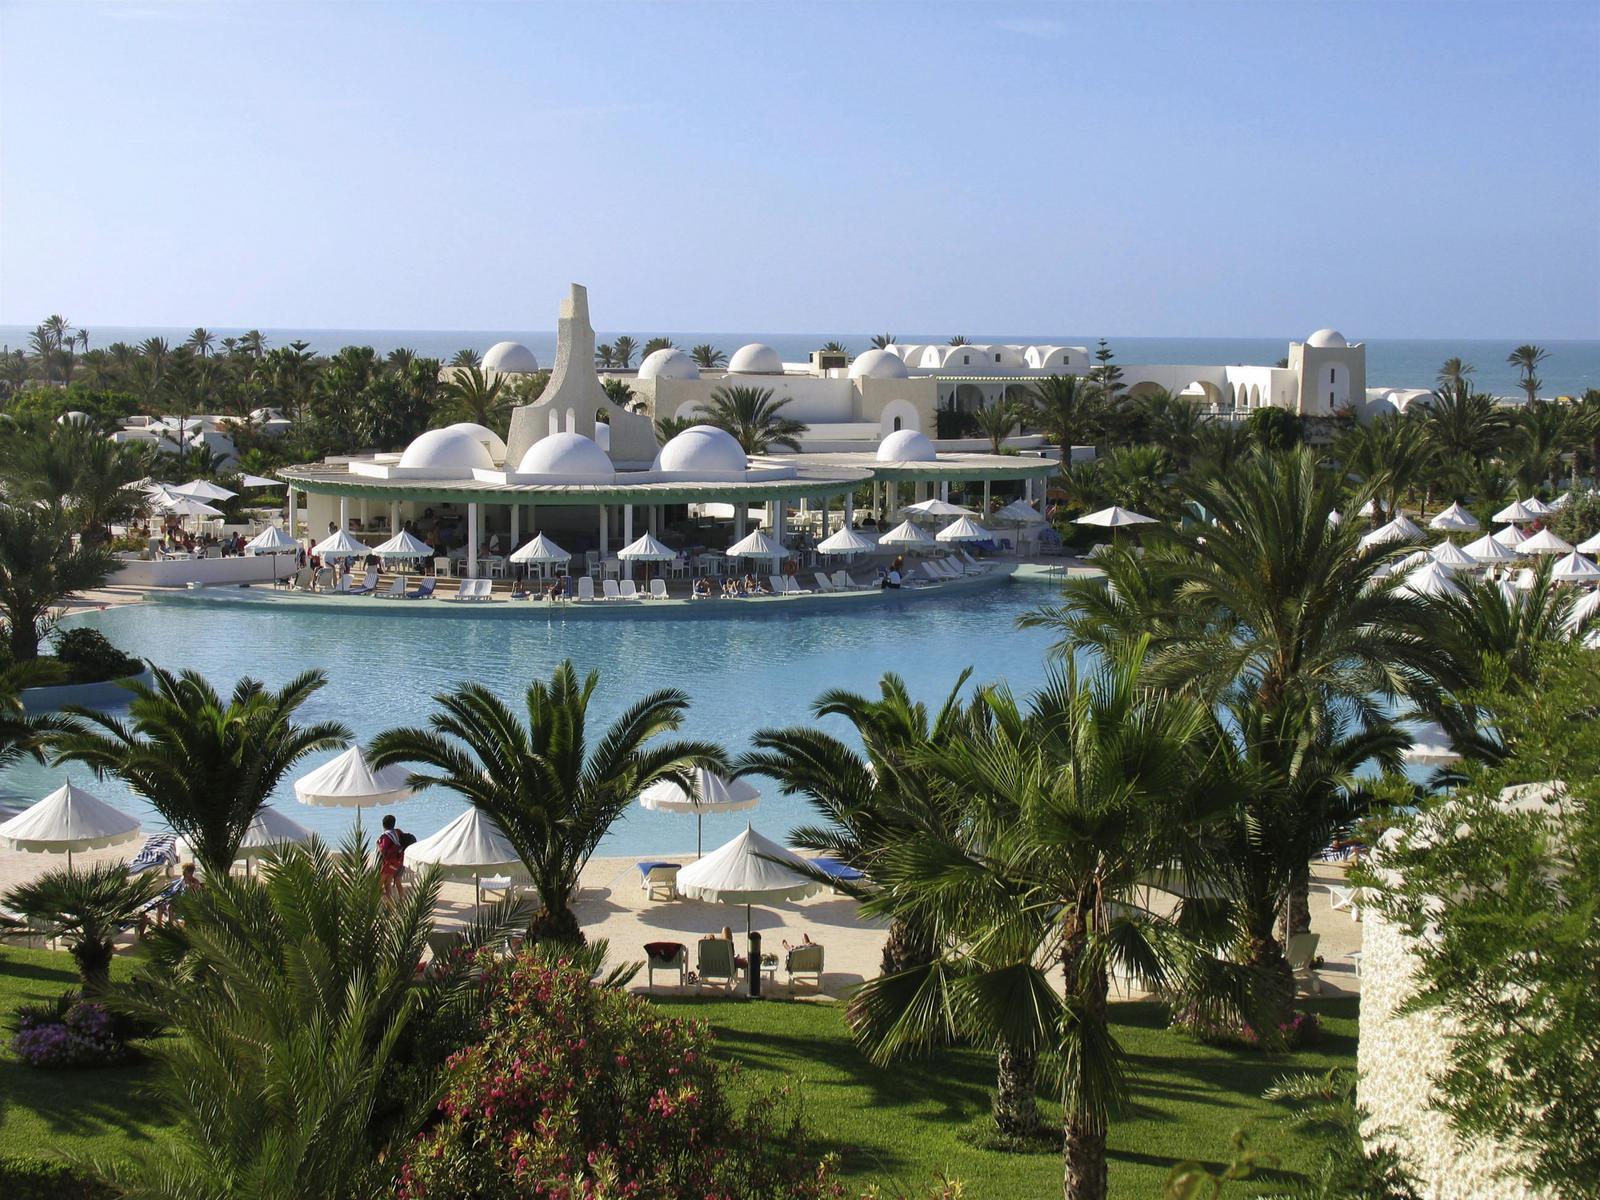 Hotel Palace Royal Garden Djerba Tunisie